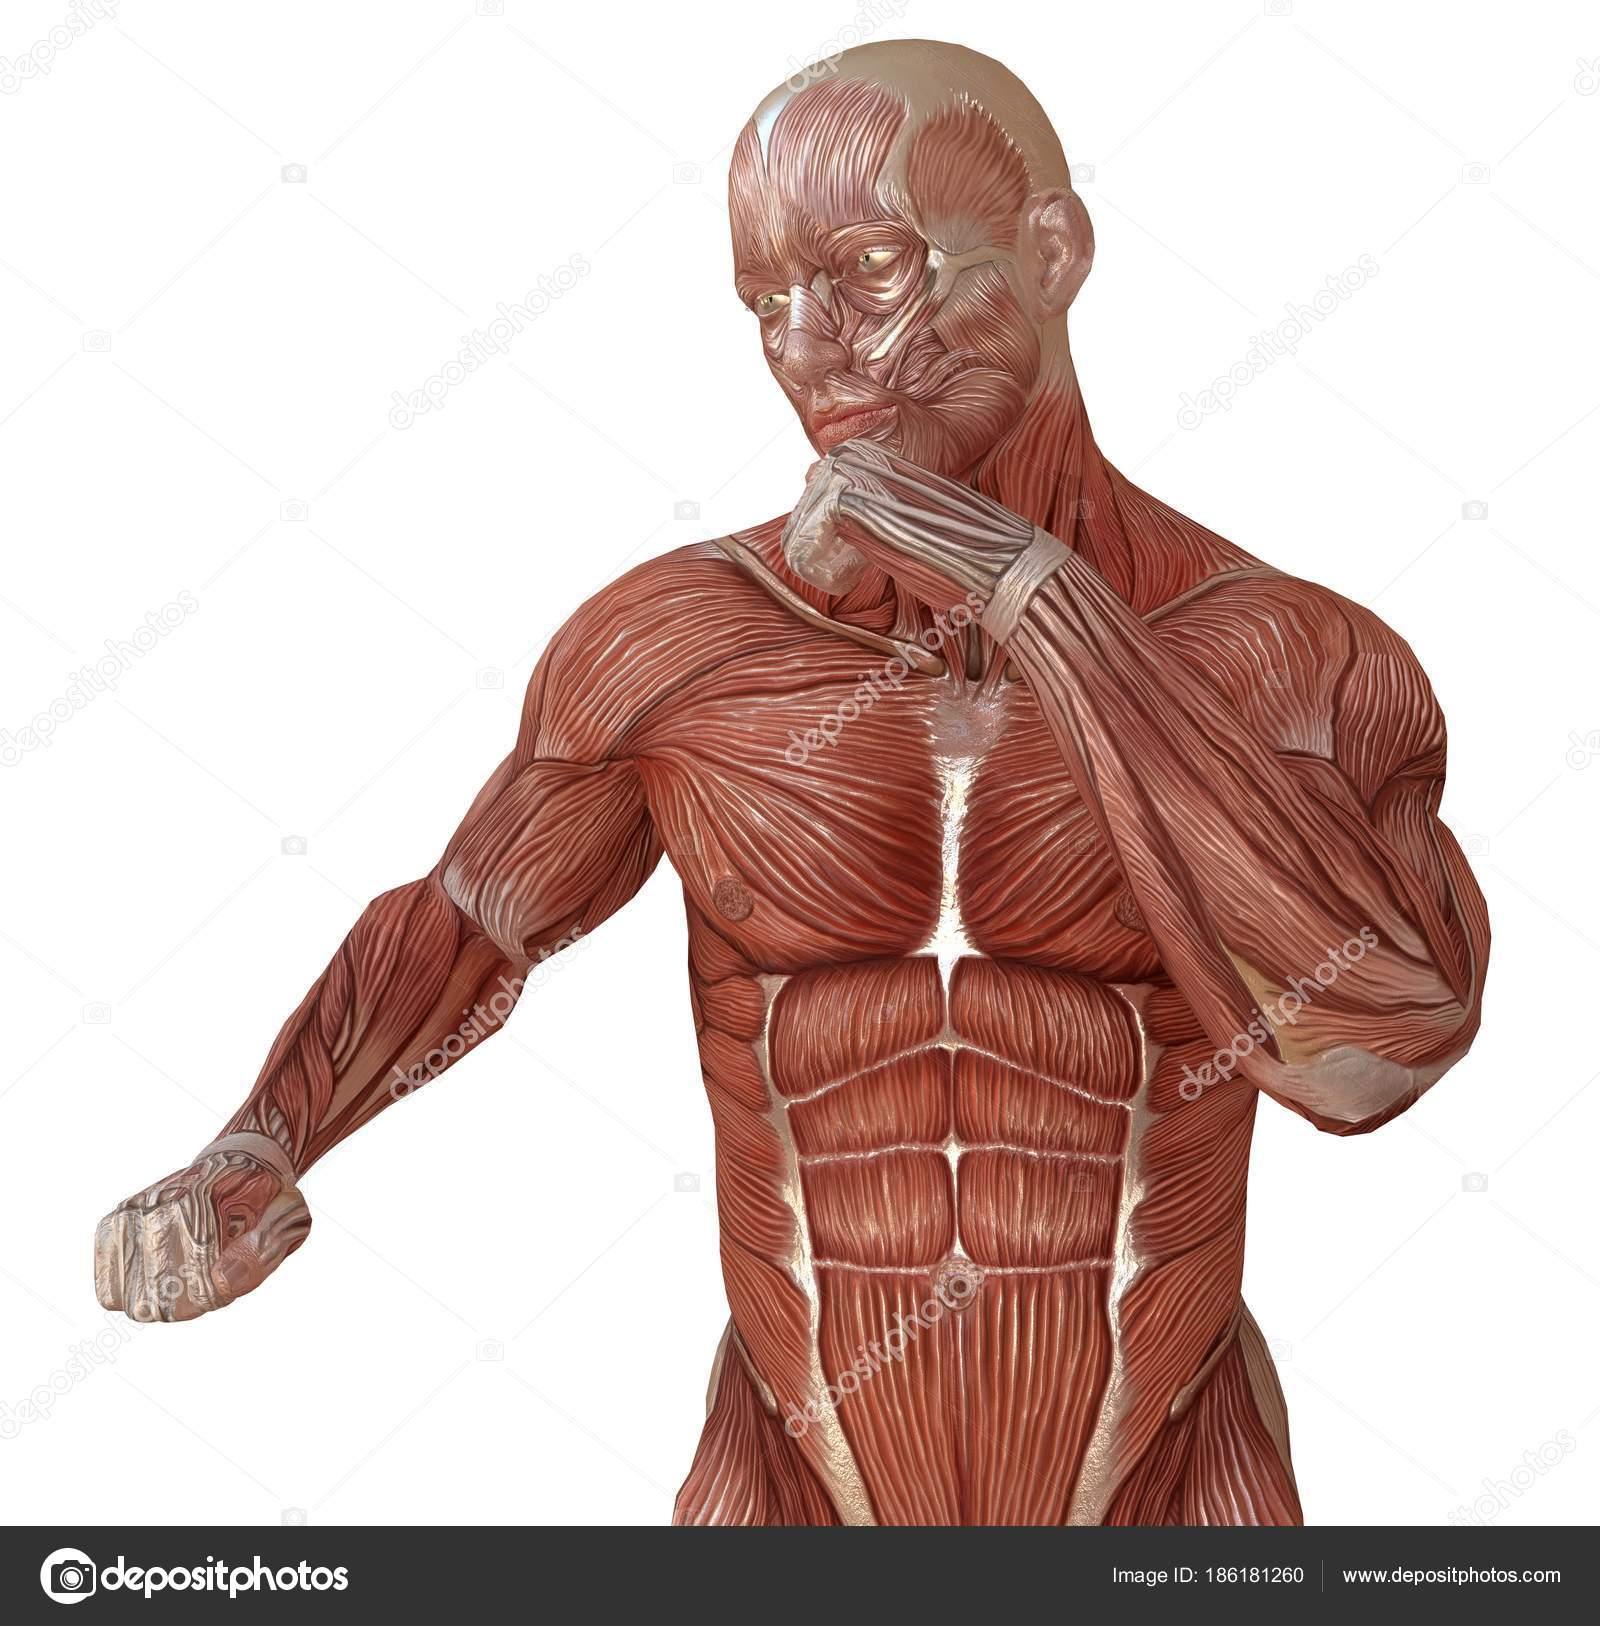 Corpo masculino sem pele msculos e anatomia 3d ilustrao isolado corpo masculino sem pele msculos e anatomia 3d ilustrao isolado no branco fotografia de ccuart Images